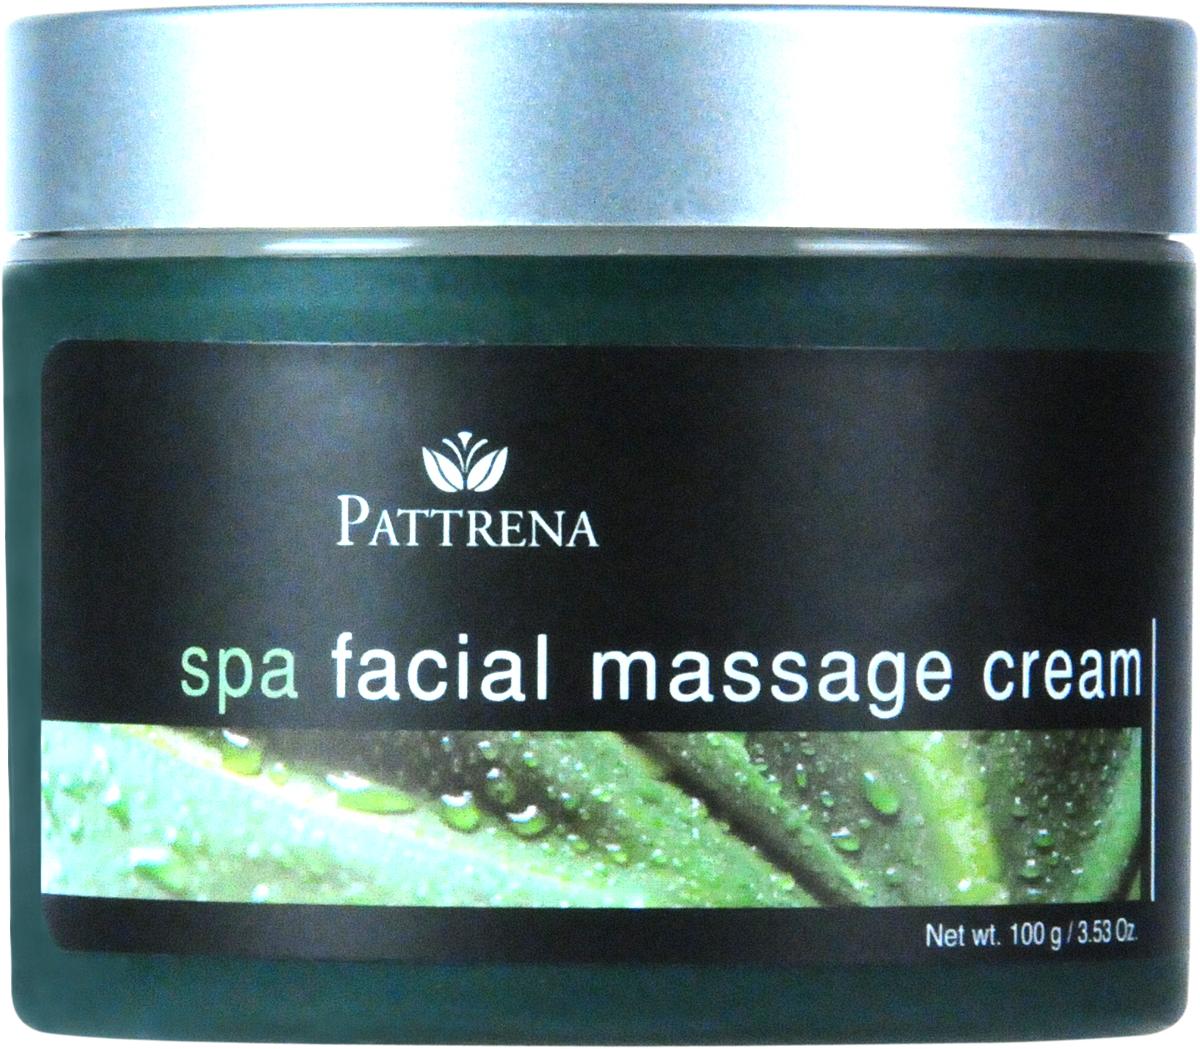 Pattrena Массажный крем для лица Паттрена Спа, 100 г pattrena ароматный крем для тела роза 250 г